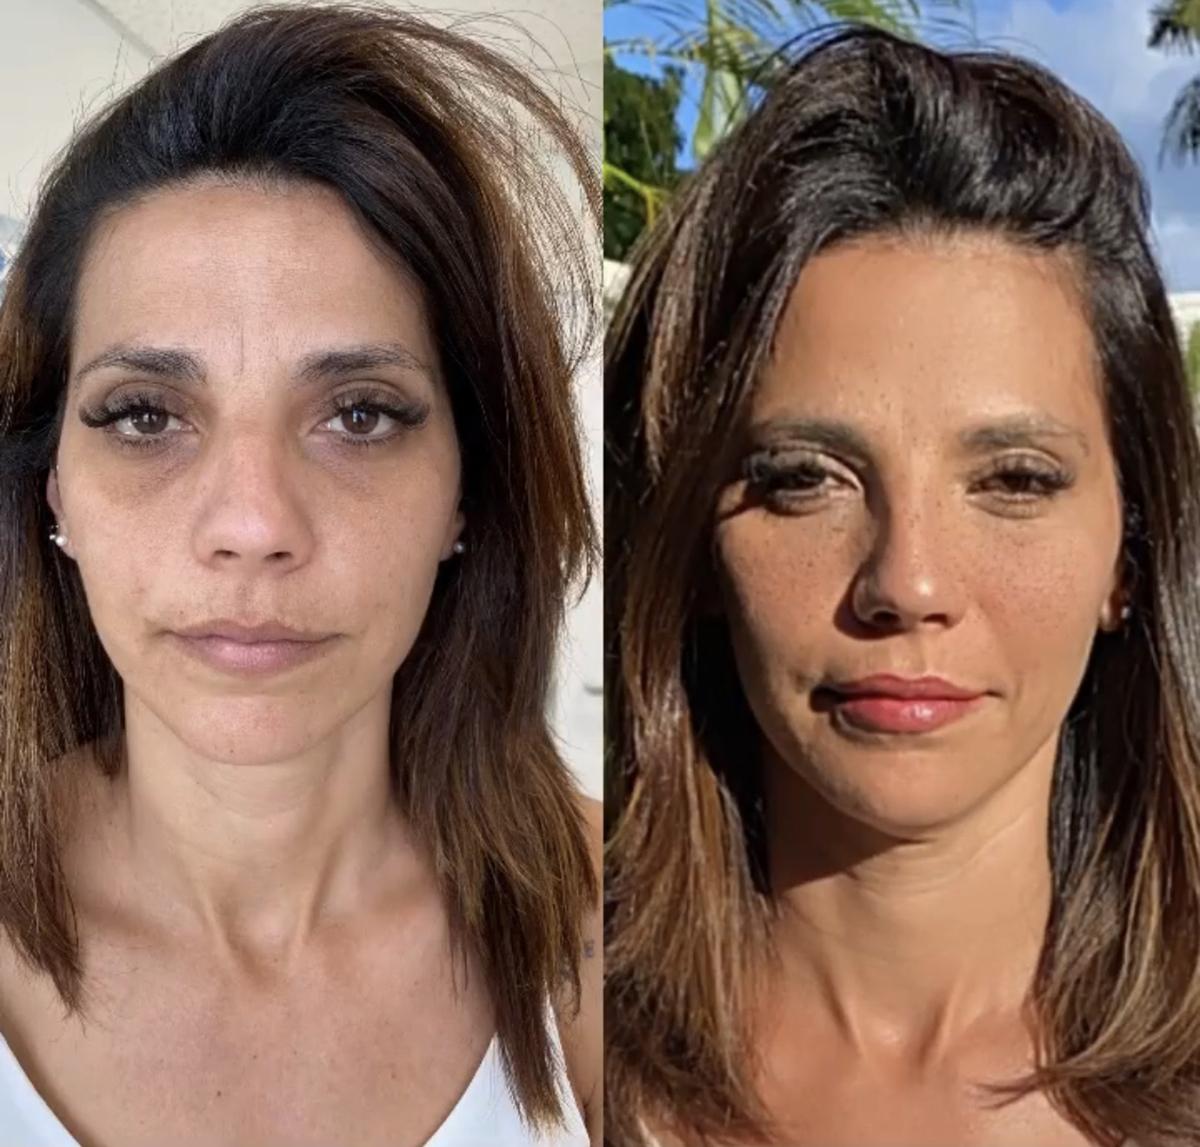 El antes y después de la hermana de Quique Usales